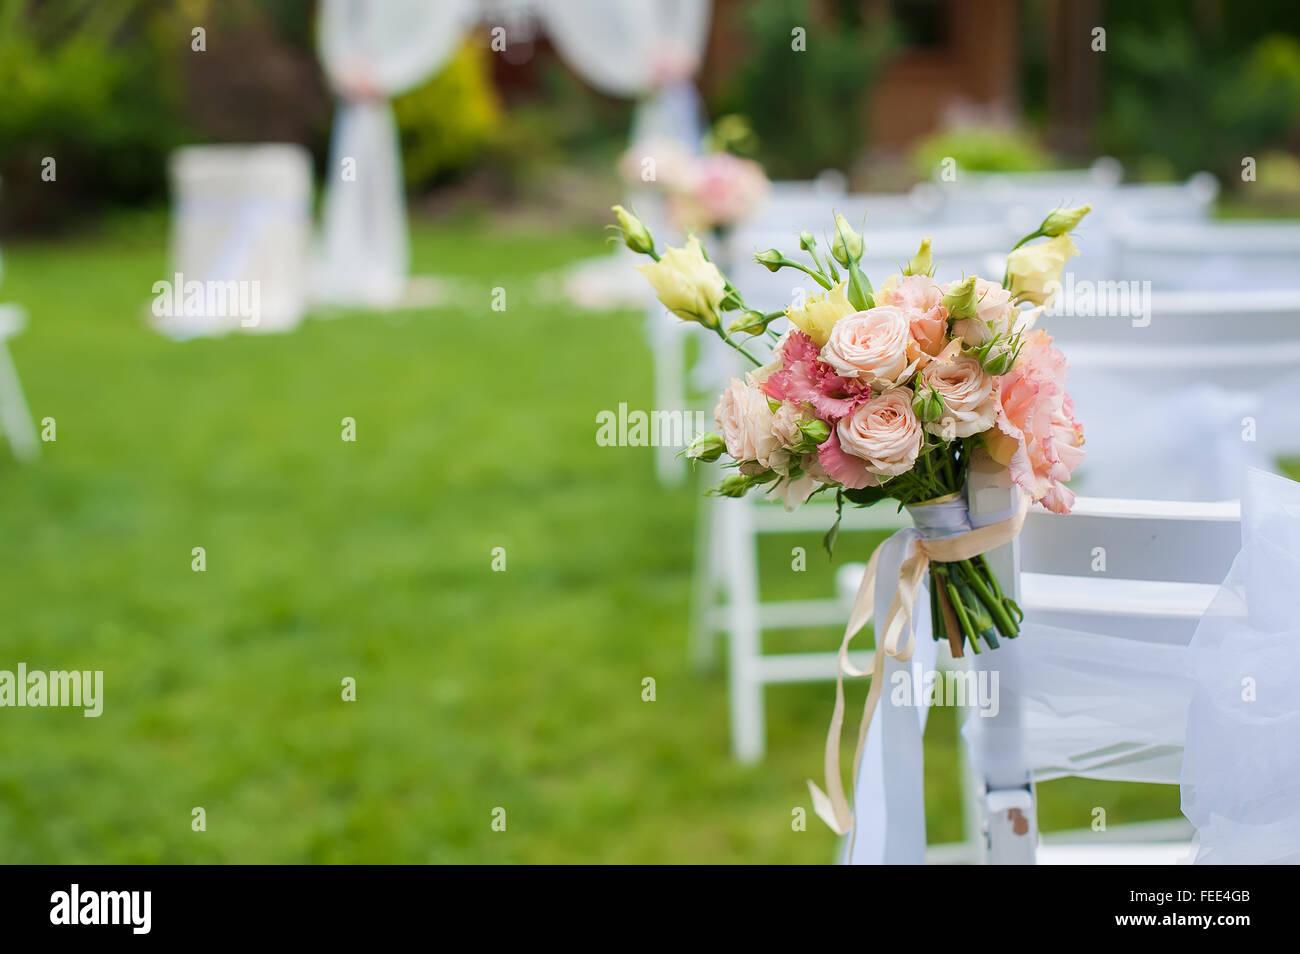 Weißer Stuhl Stehend Auf Der Grünen Waldwiese Auf Die Trauung